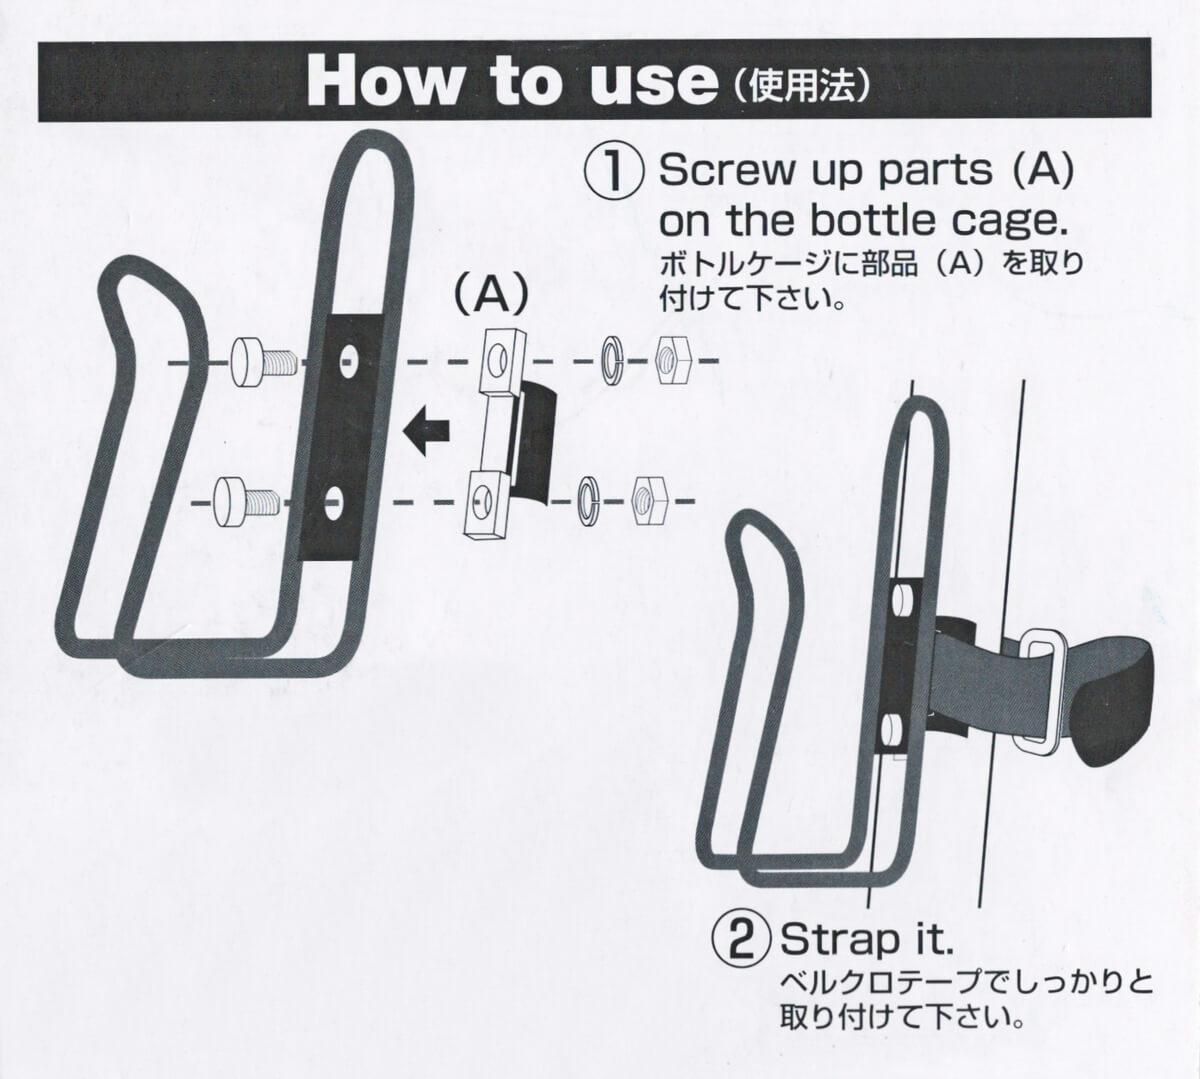 バイクガイ どこでもケージホルダーの取り付け方法